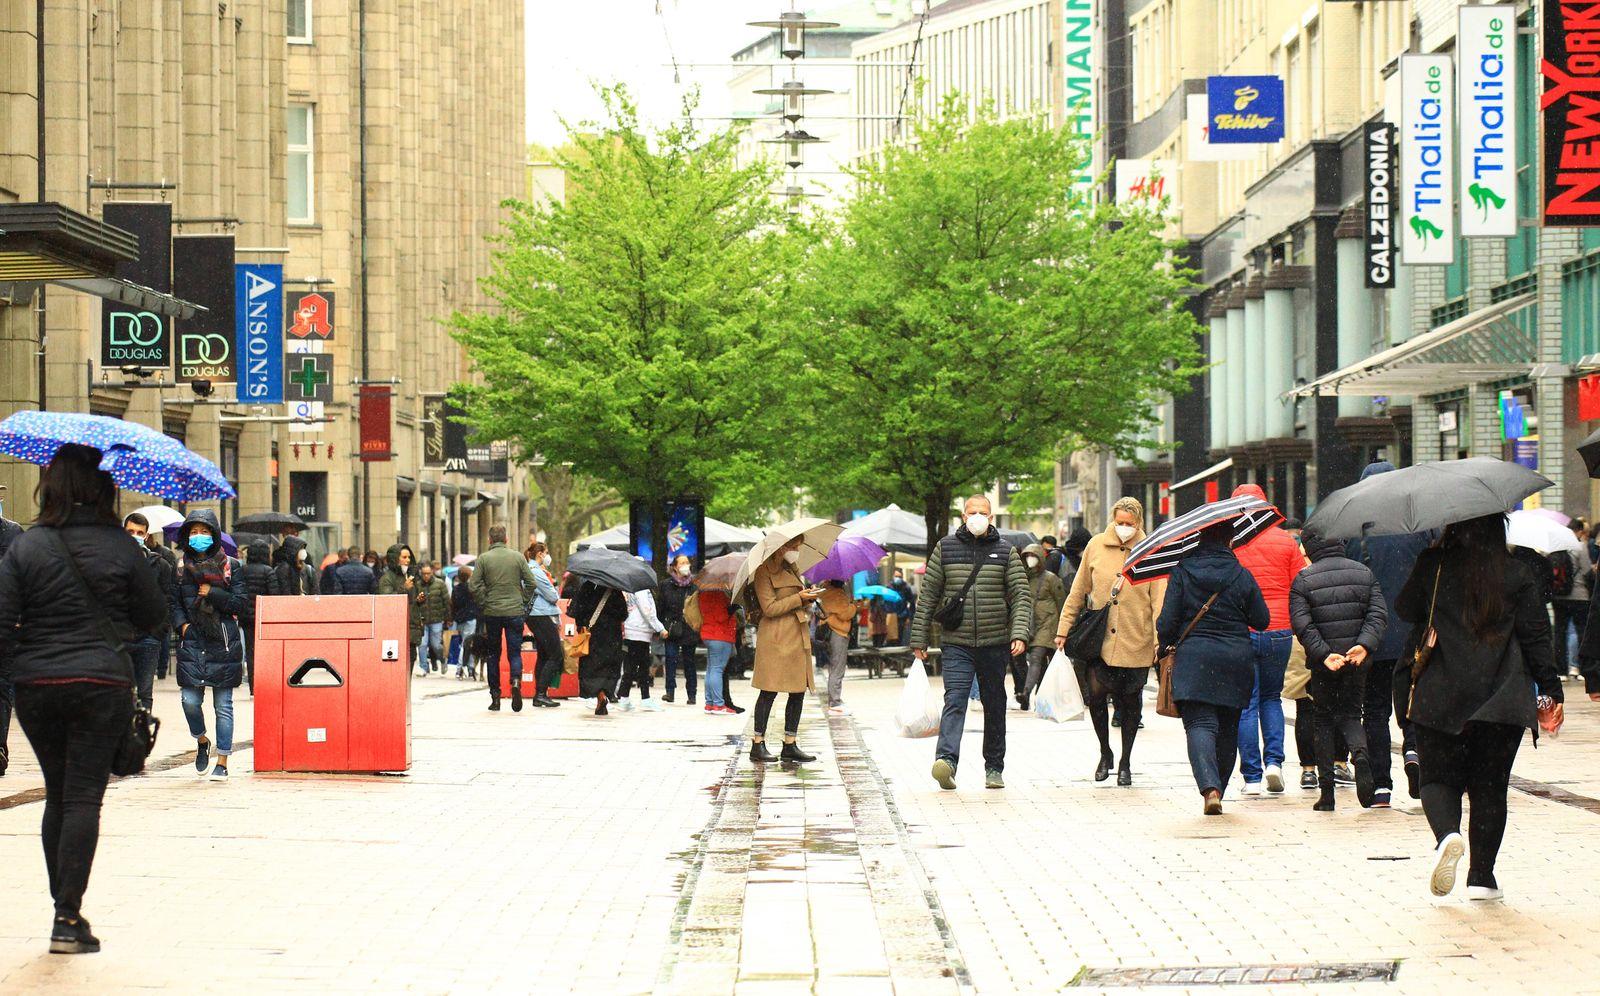 Kunden in der Spitalerstraße in der Innenstadt nach der Öffnung der Geschäfte. In Hamburg sind die Corona-Maßnahmen weg